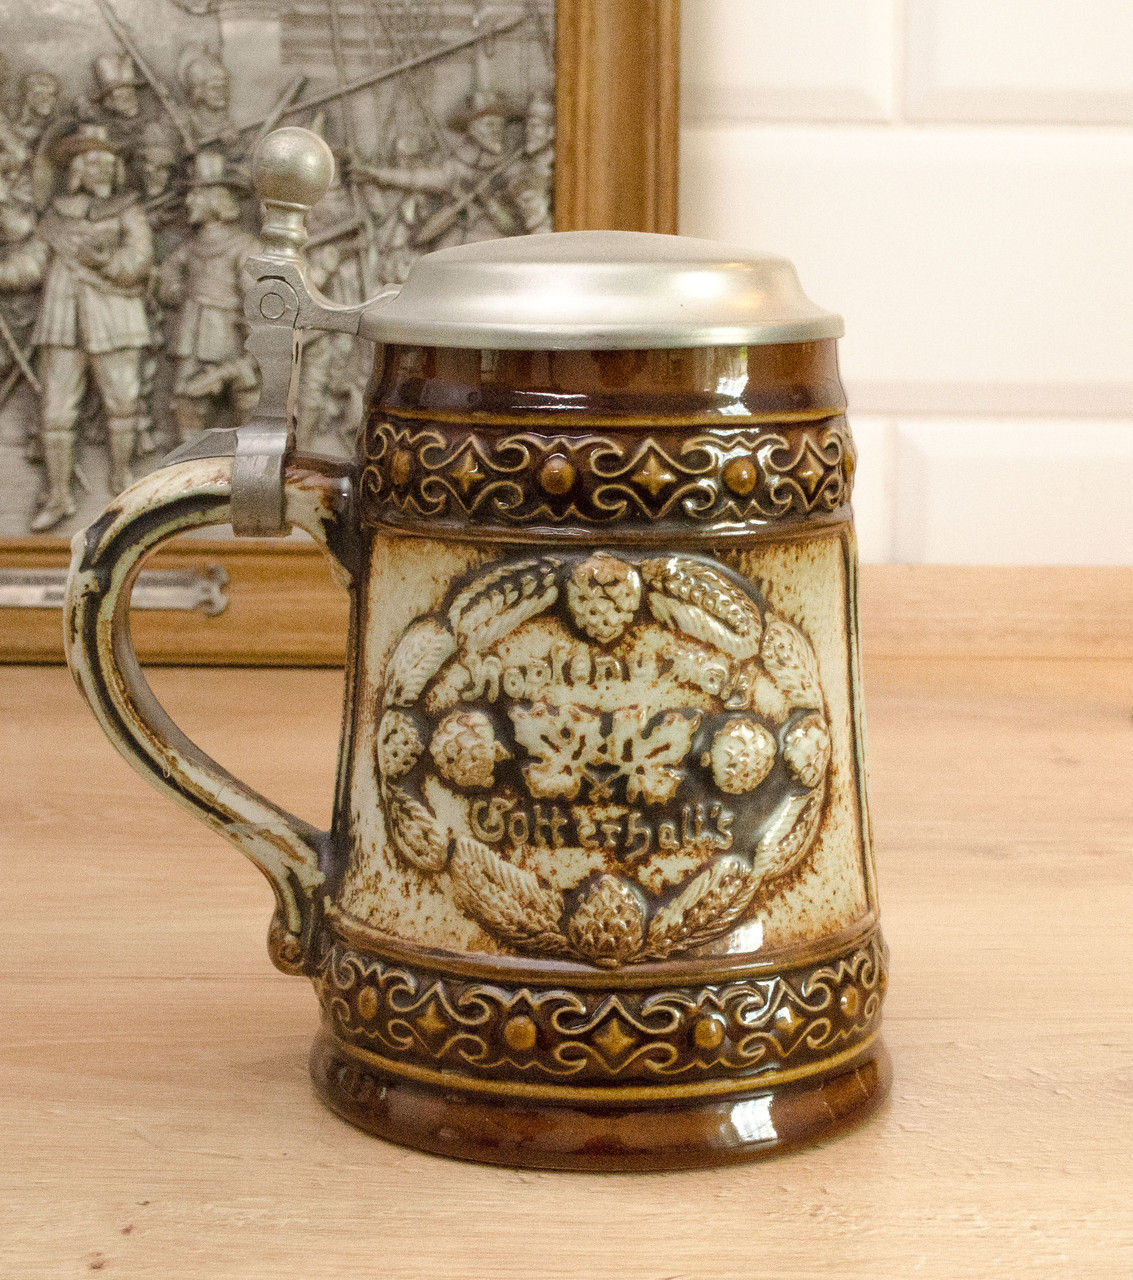 Коллекционный пивной бокал, керамика, олово, Германия, реставрация